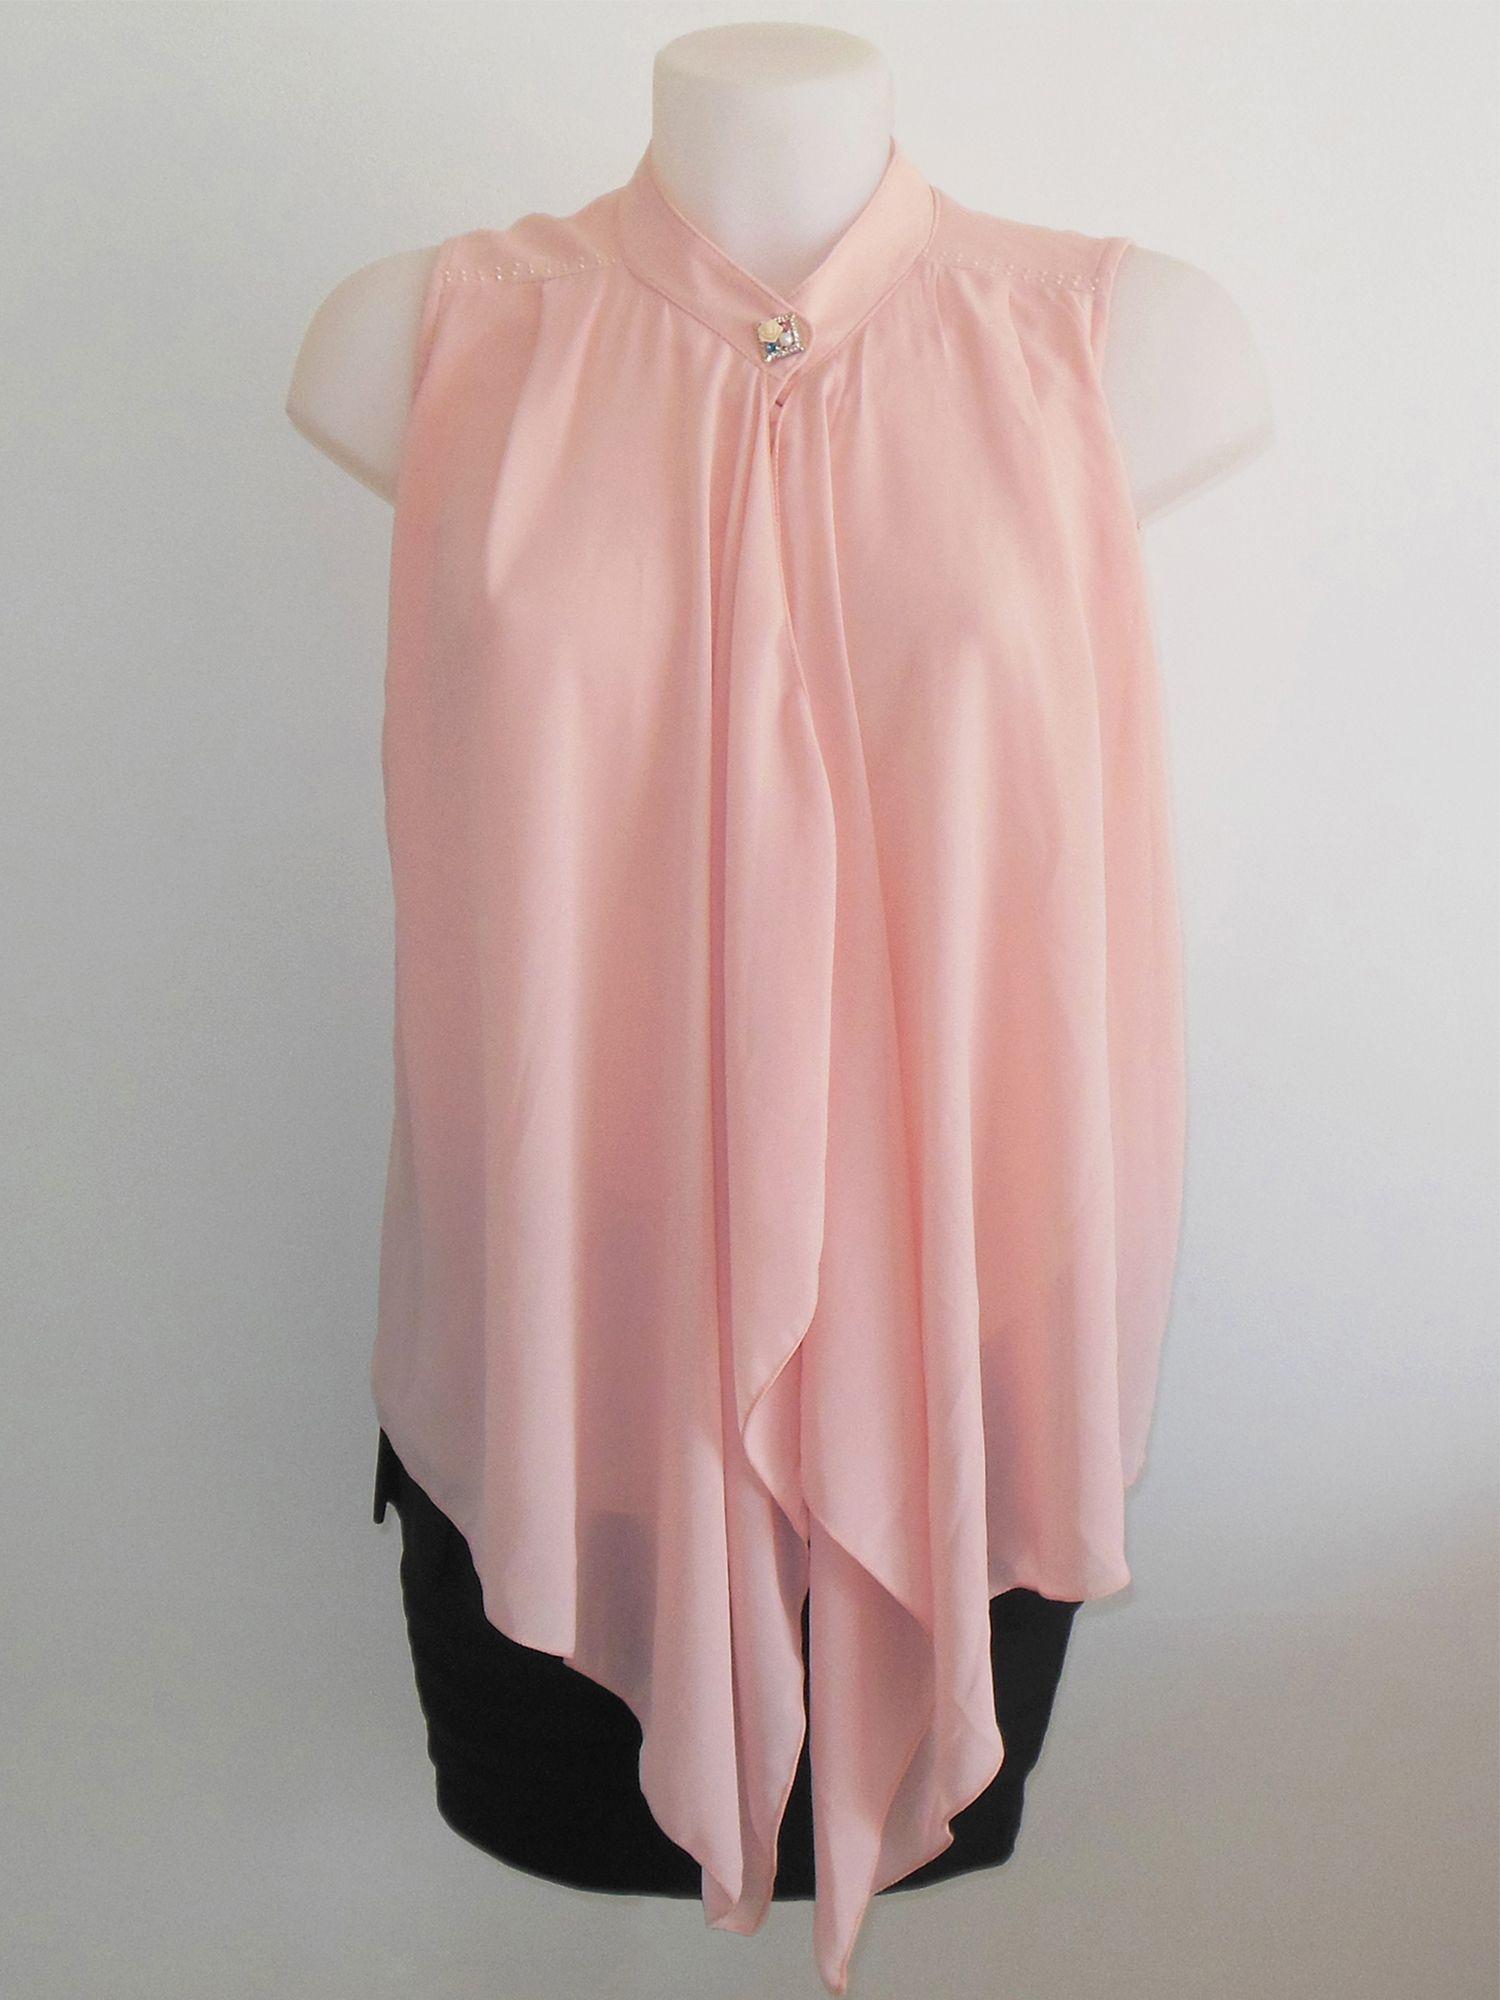 Chemisier femme rose pastel. Fluide asymétrique tendance chic.  www.milena-moda.